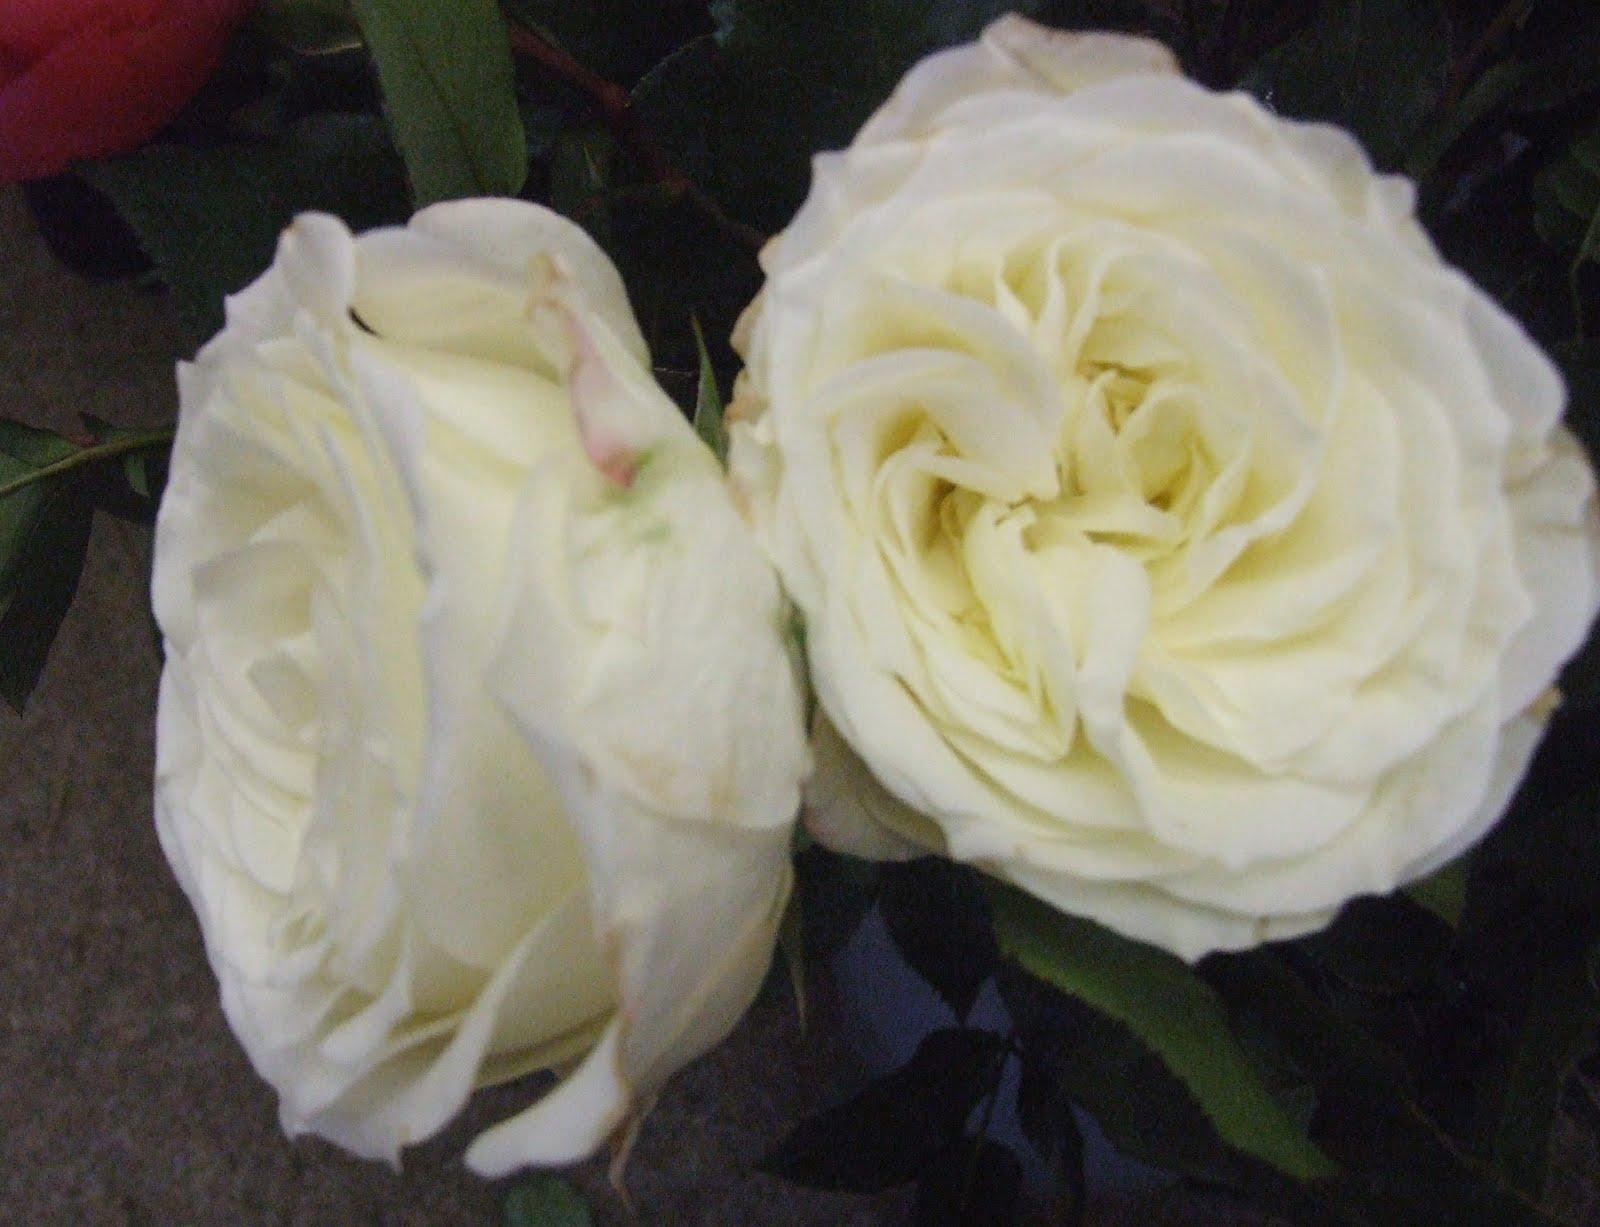 RJu0027s Florist